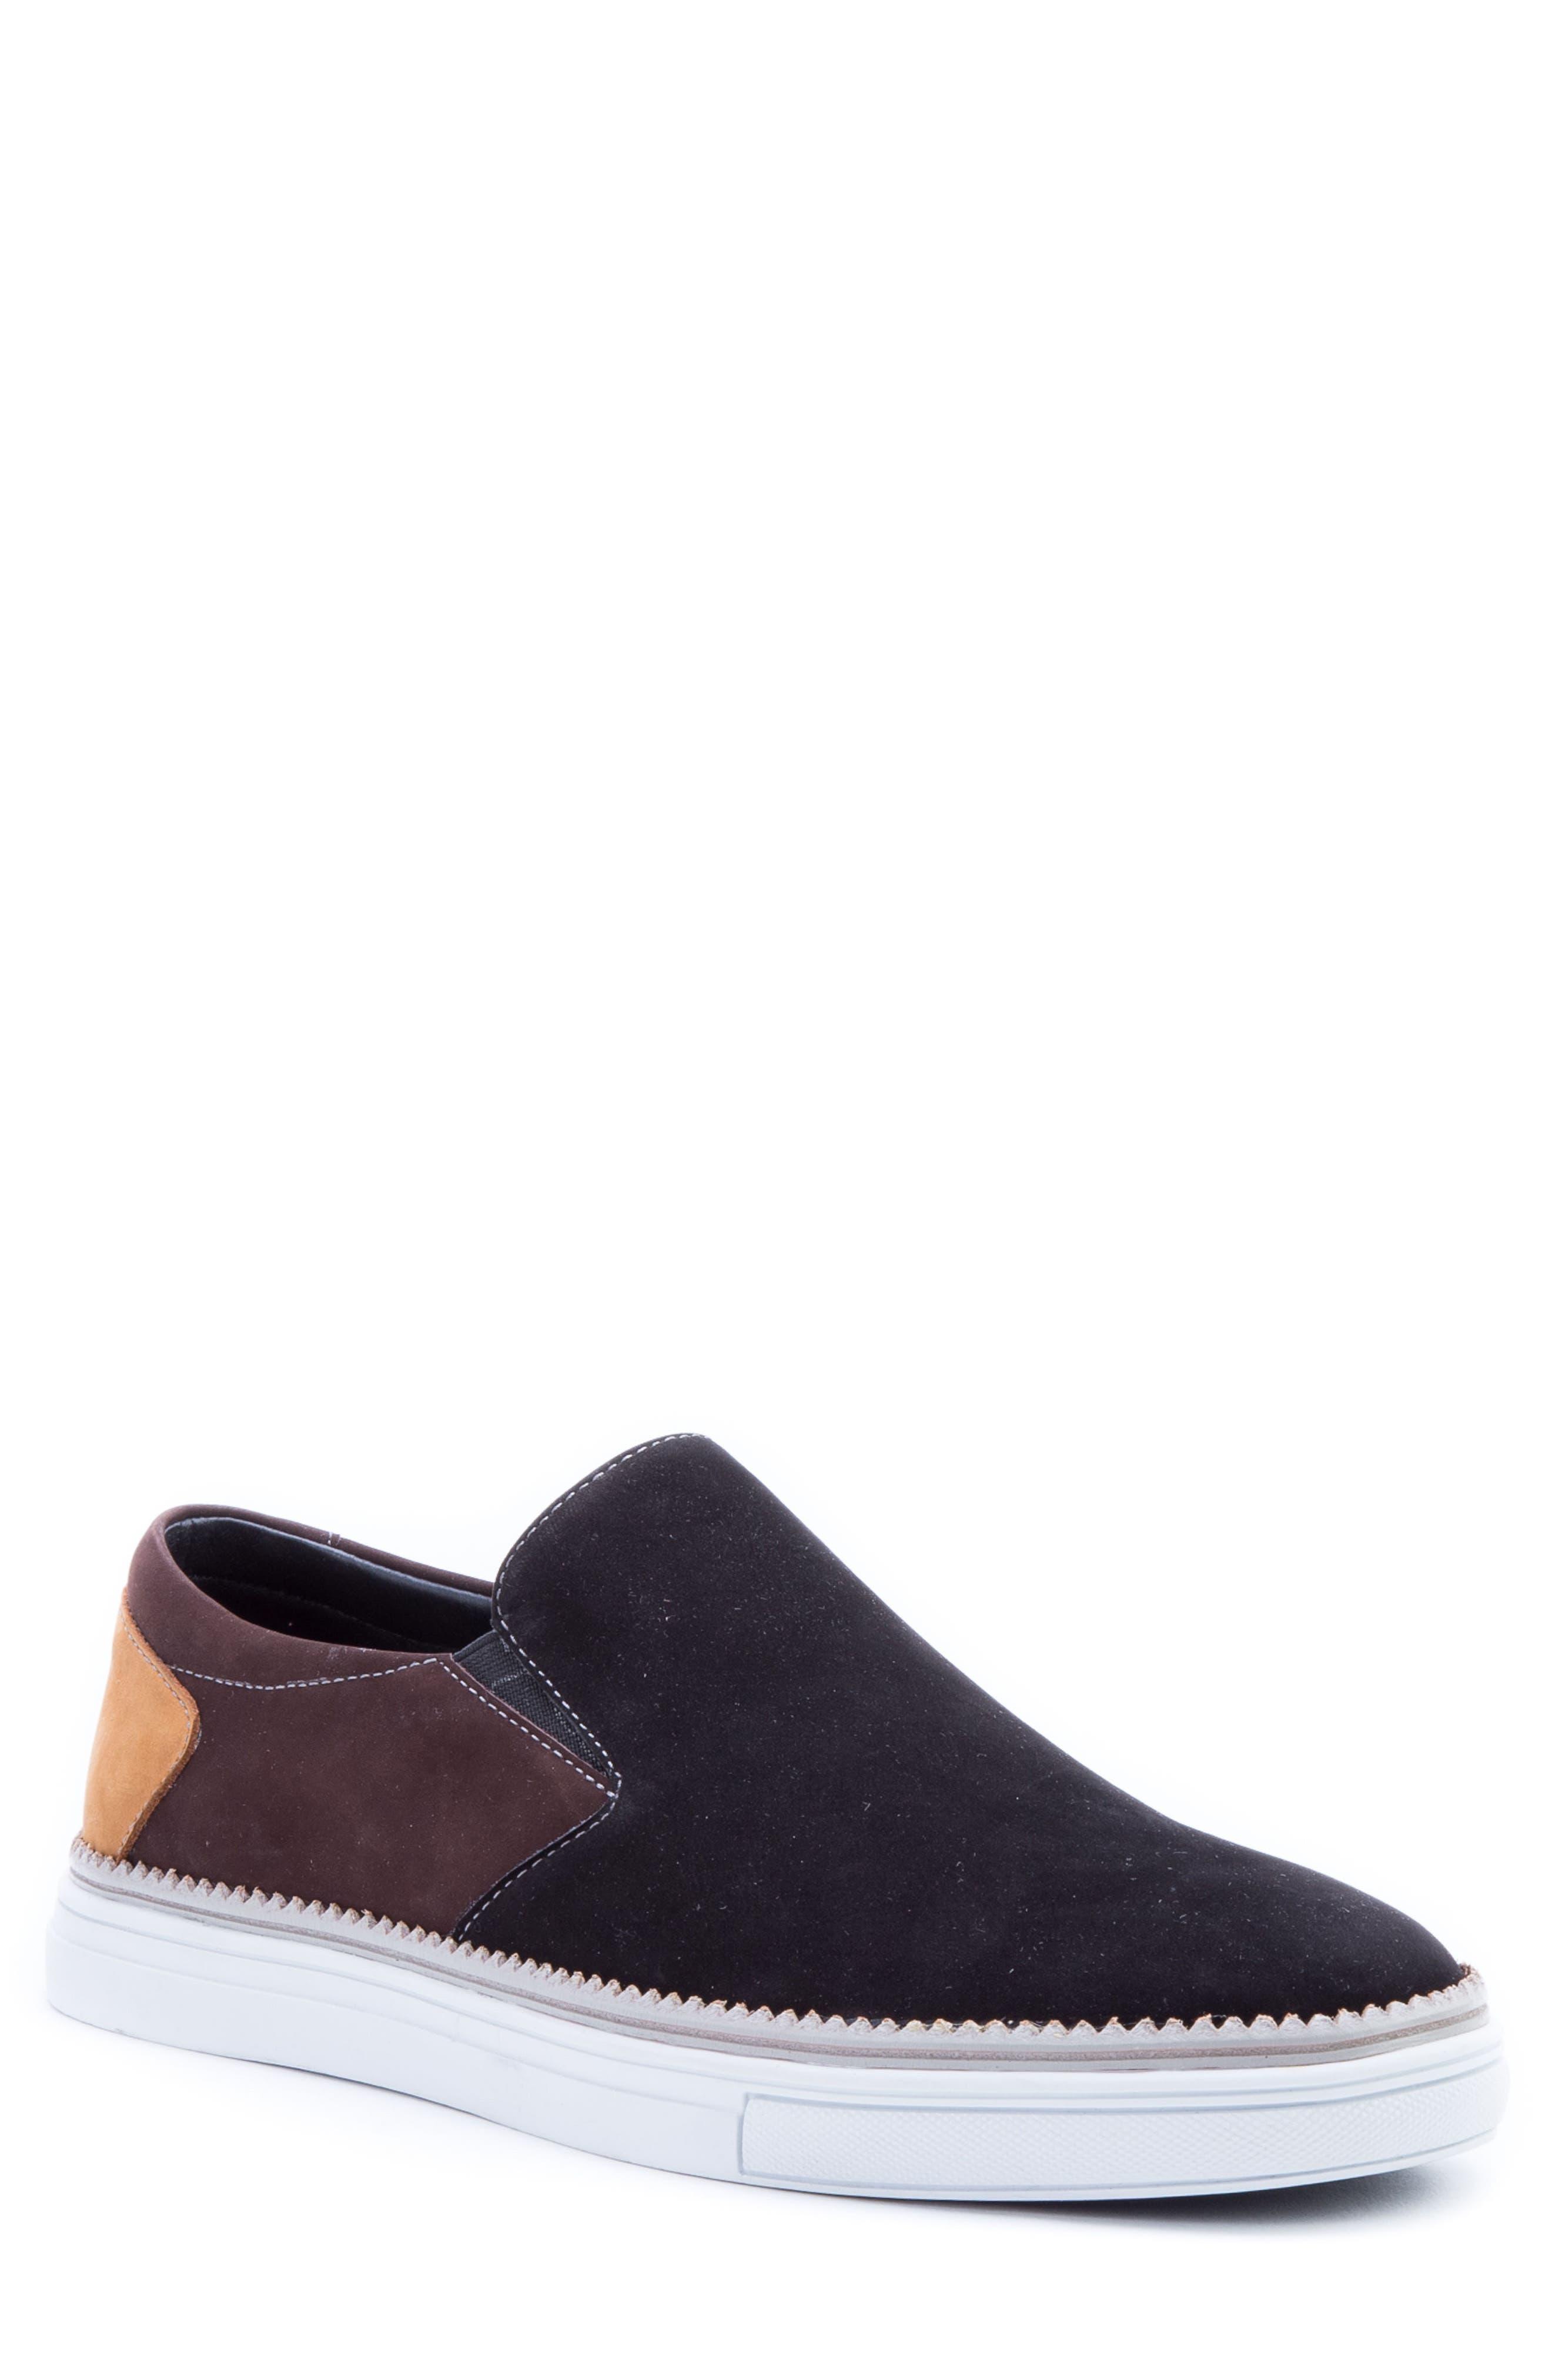 ZANZARA Rivera Colorblocked Slip-On Sneaker, Main, color, 001